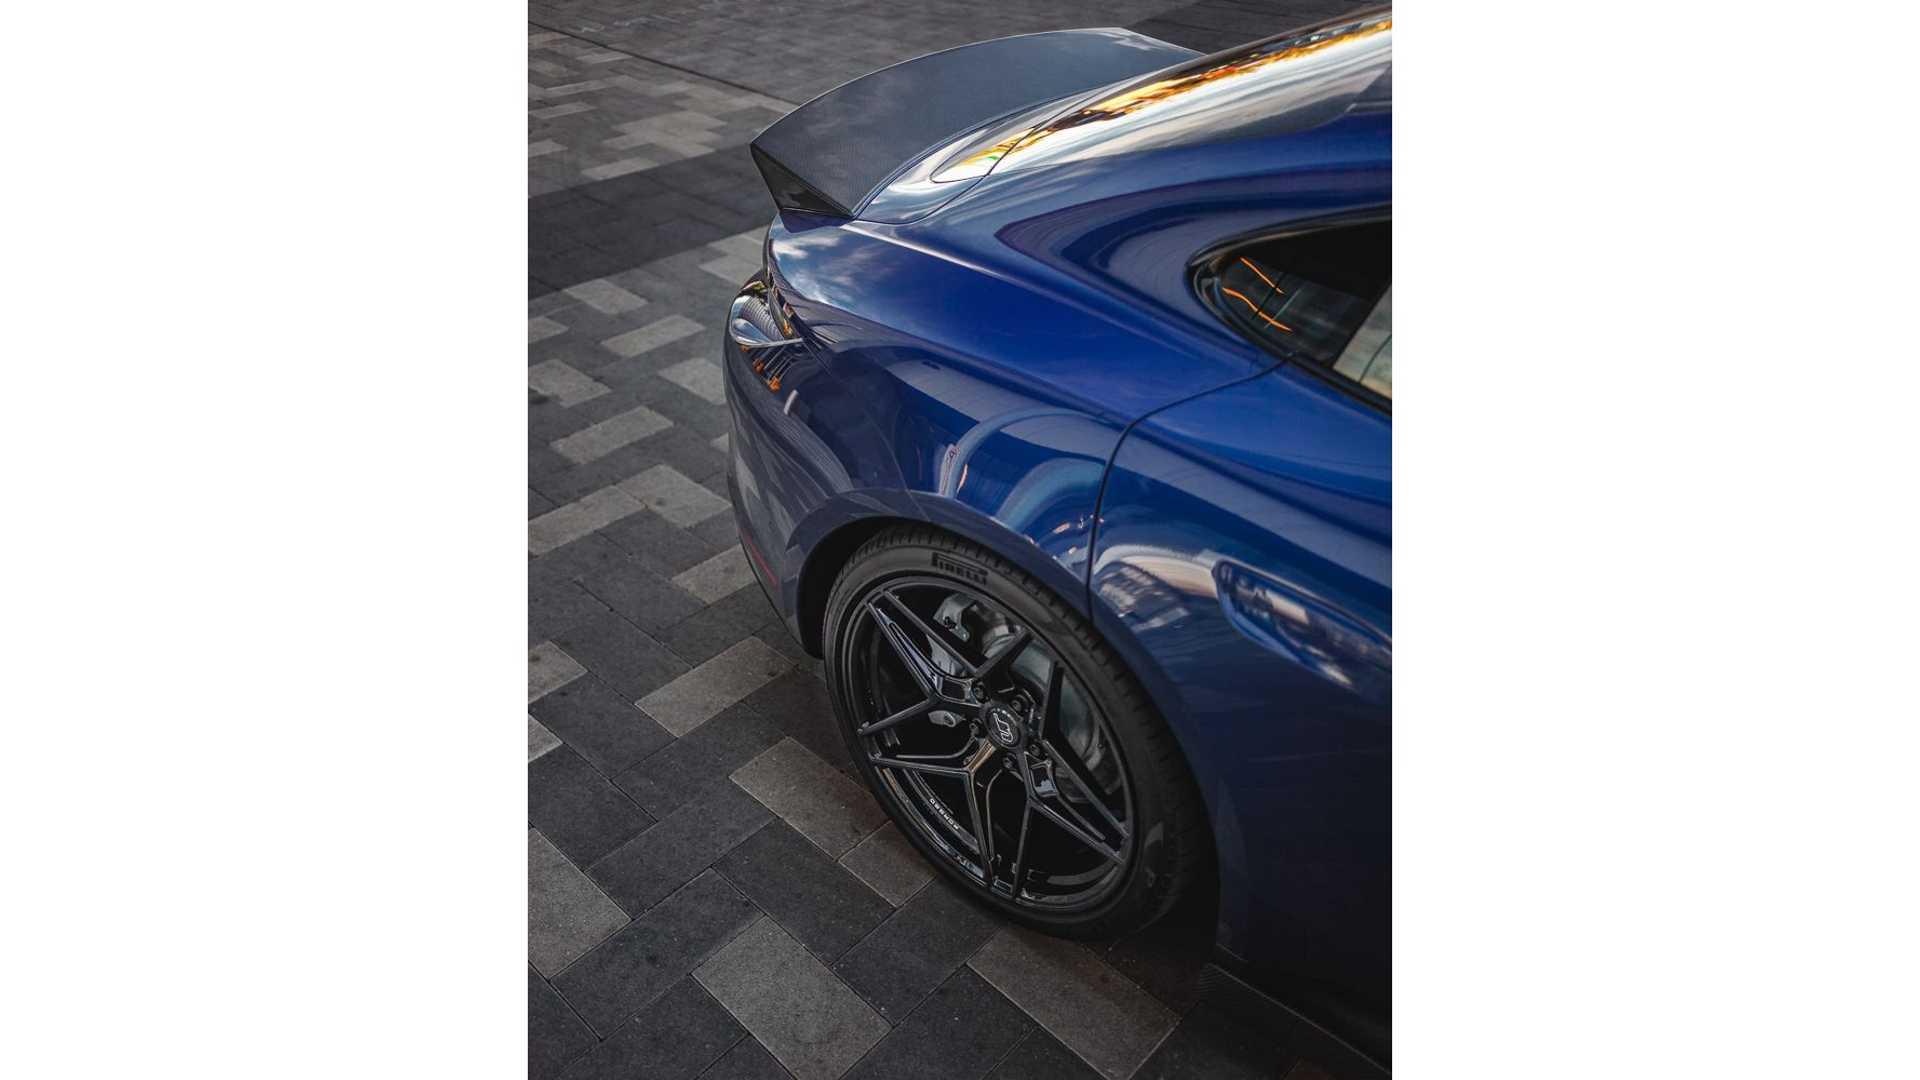 Porsche-Taycan-by-Vivid-Racing-43